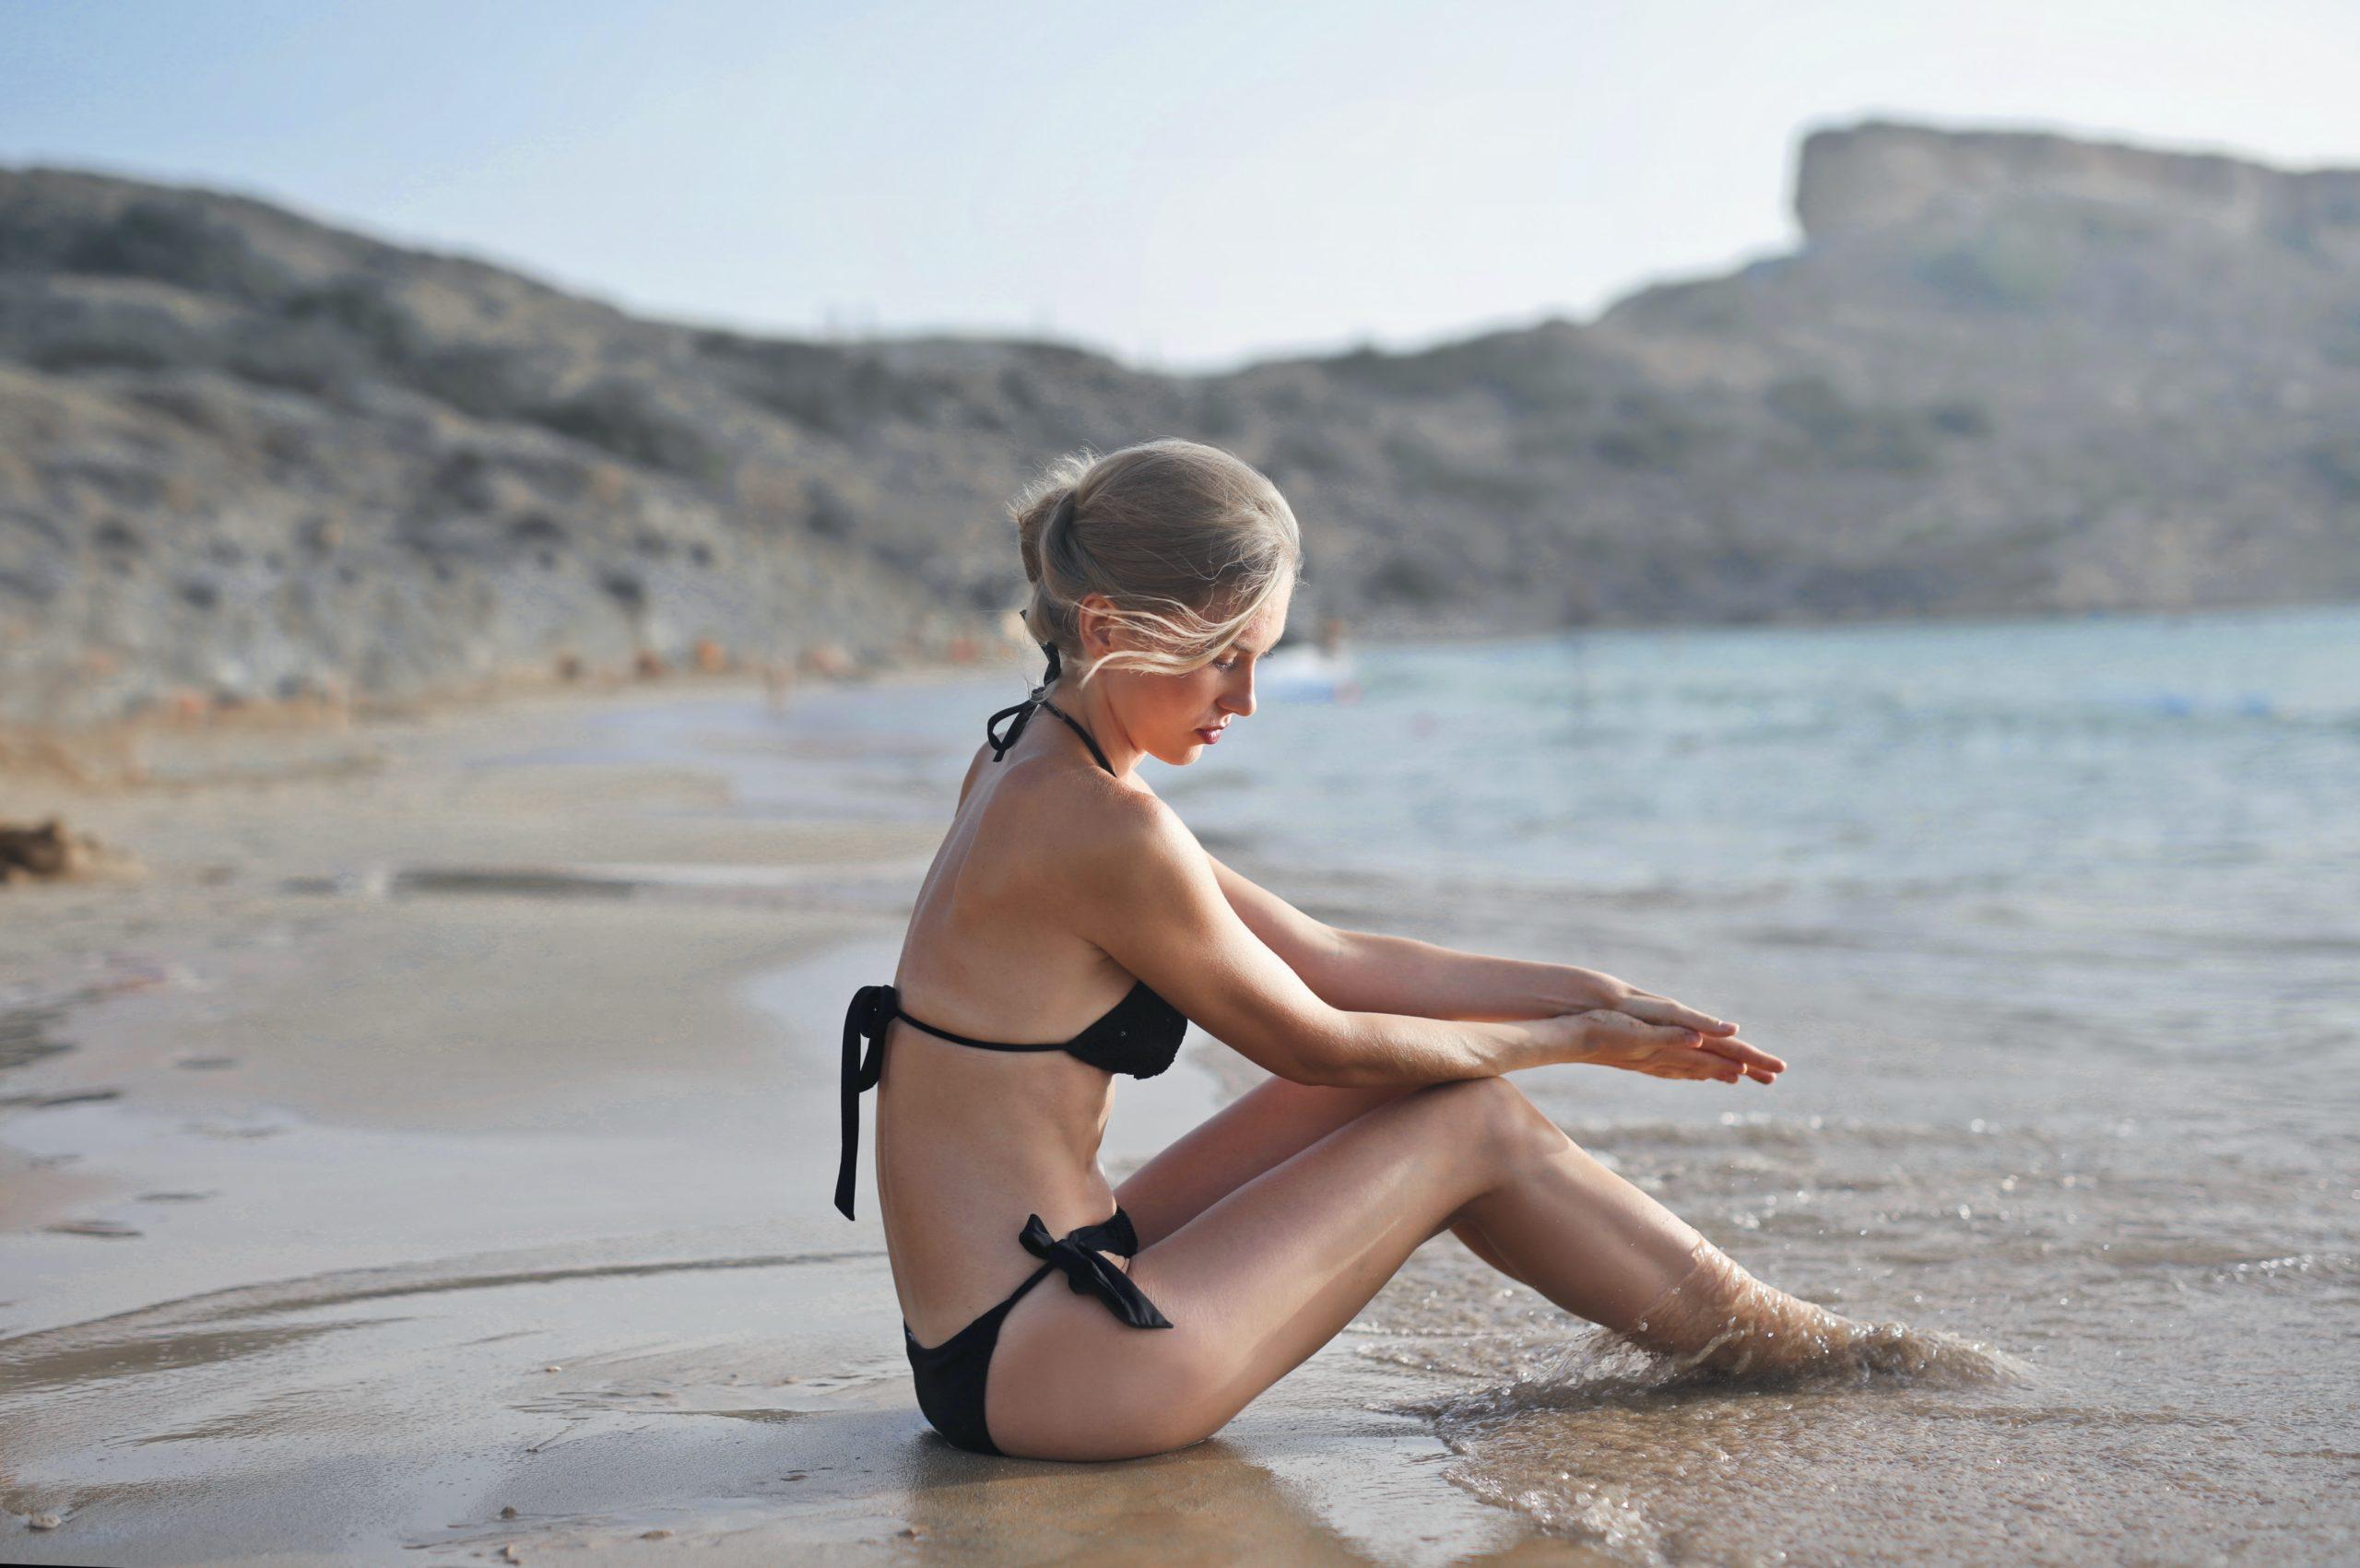 Jak wyrównać i przedłużyć opaleniznę, by nadal cieszyć się słonecznym odcieniem skóry?